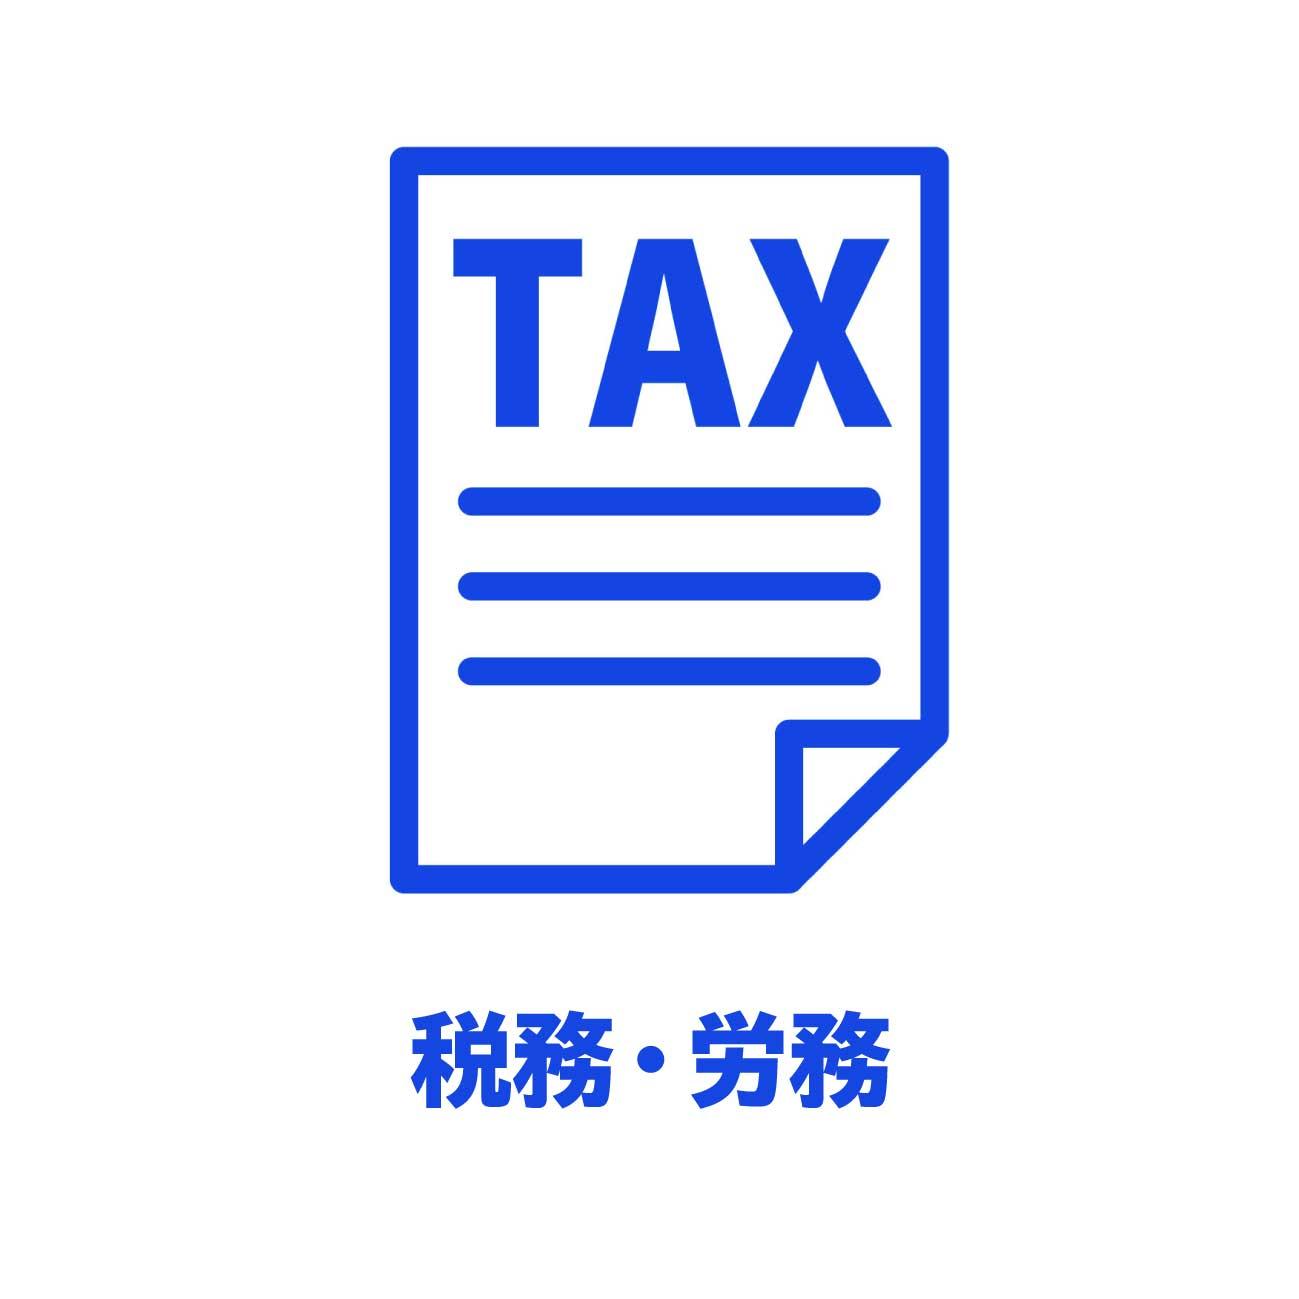 税務・労務